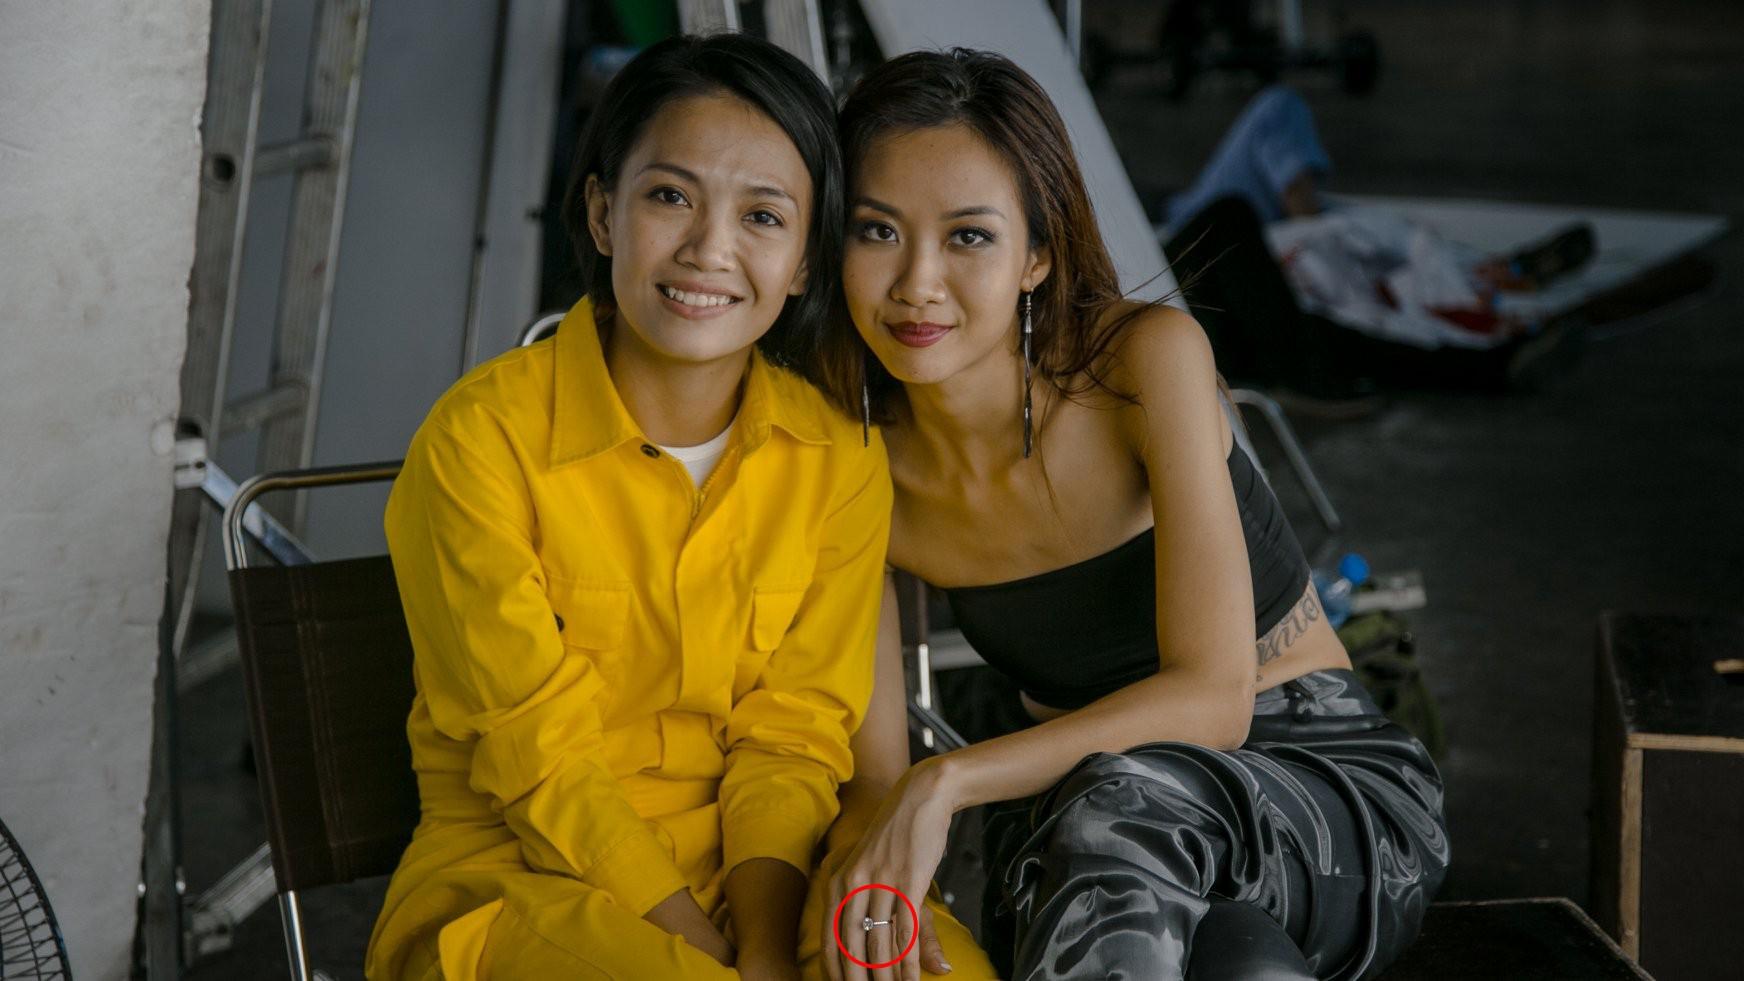 Suboi và đạo diễn Việt kiều đã huỷ hôn sau 9 năm hẹn hò? - Ảnh 4.